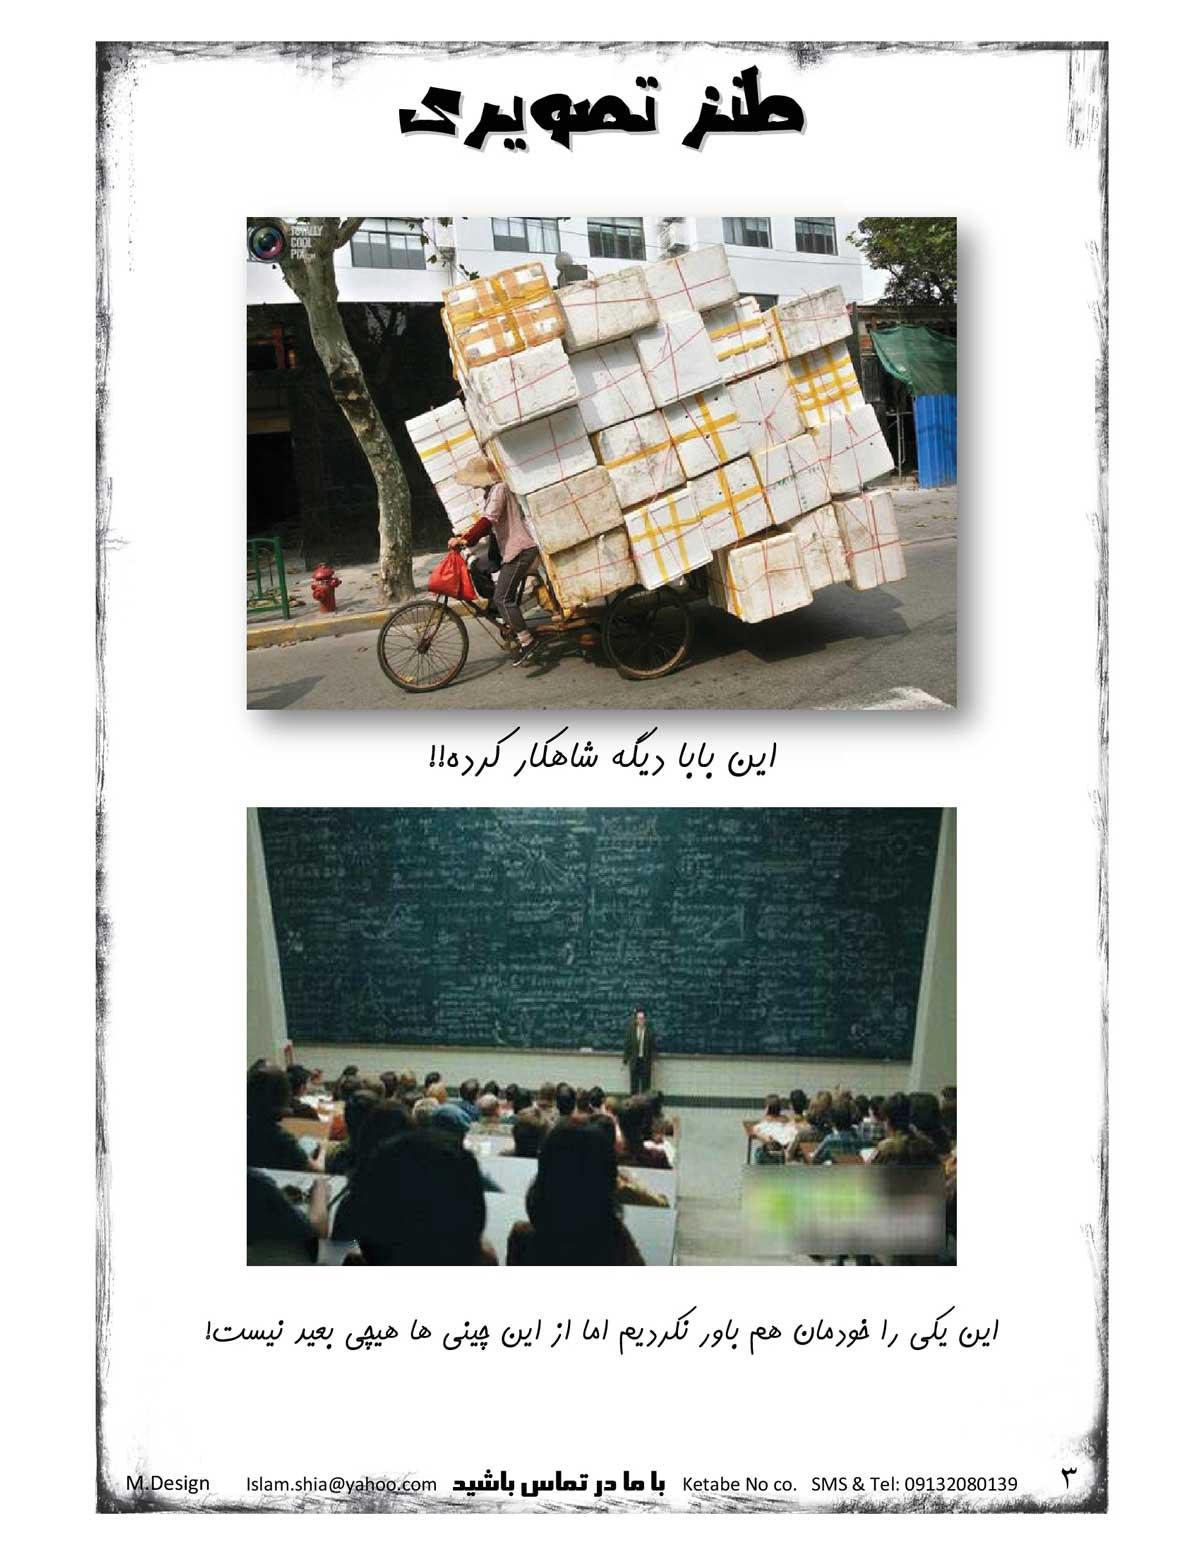 طنز تصویری بردهای فرهنگی مسعود مردیها